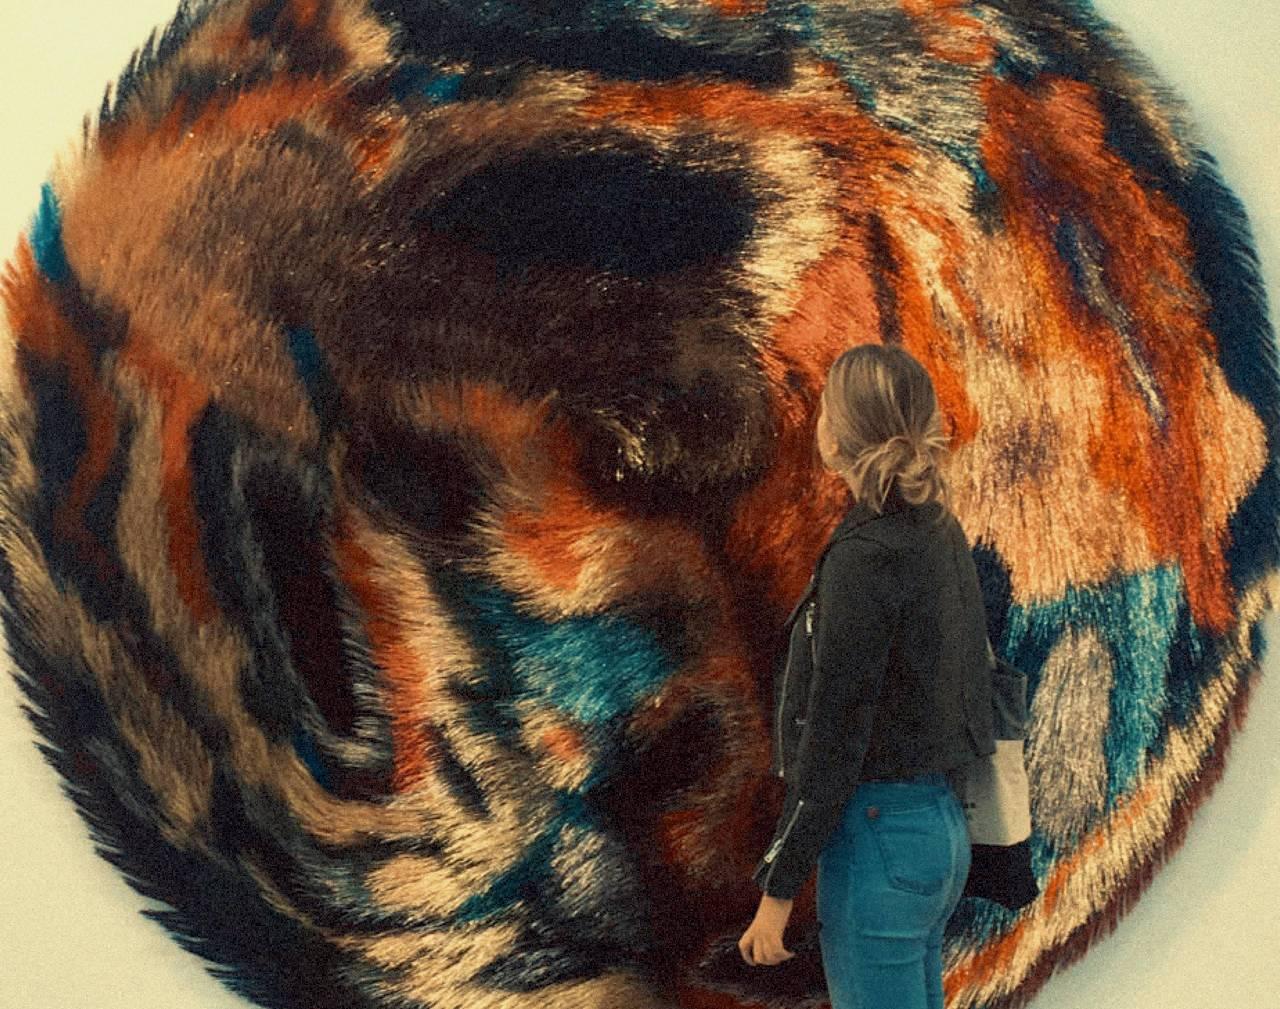 Continuare a non capire l'arte contemporanea, tra le gallerie di Chelsea